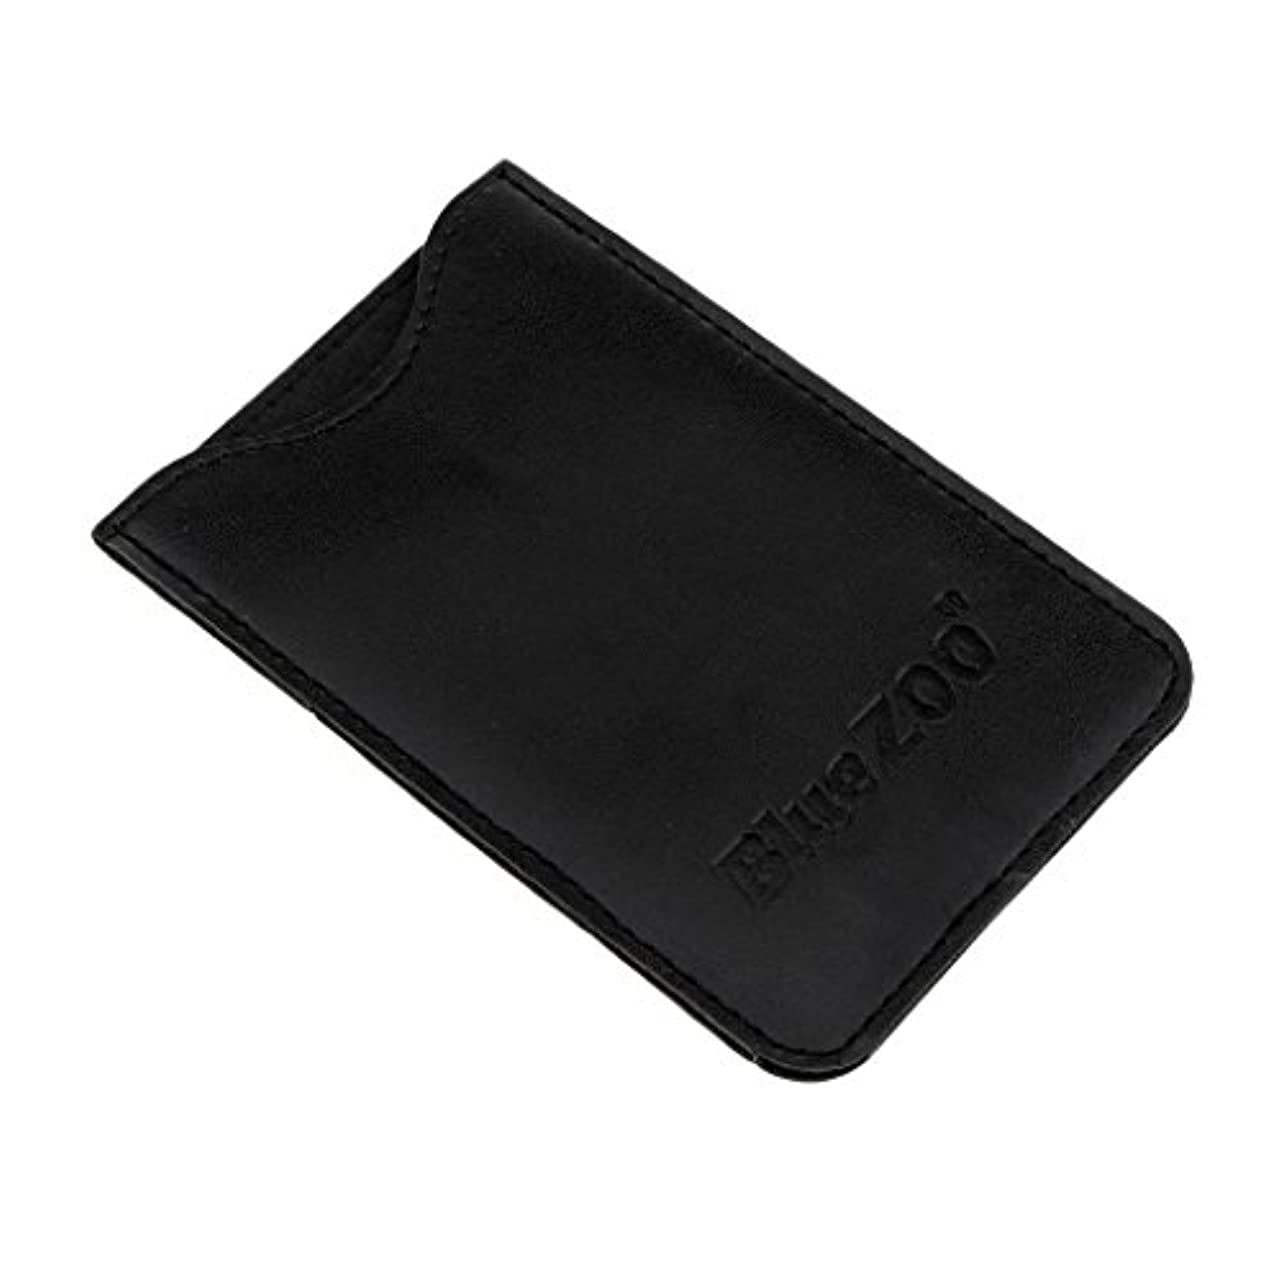 擁するスリップシューズ静かにPerfk PUレザー バッグ 収納ケース 保護カバー 櫛/名刺/IDカード/銀行カード 収納パック 便利 全2色  - ブラック